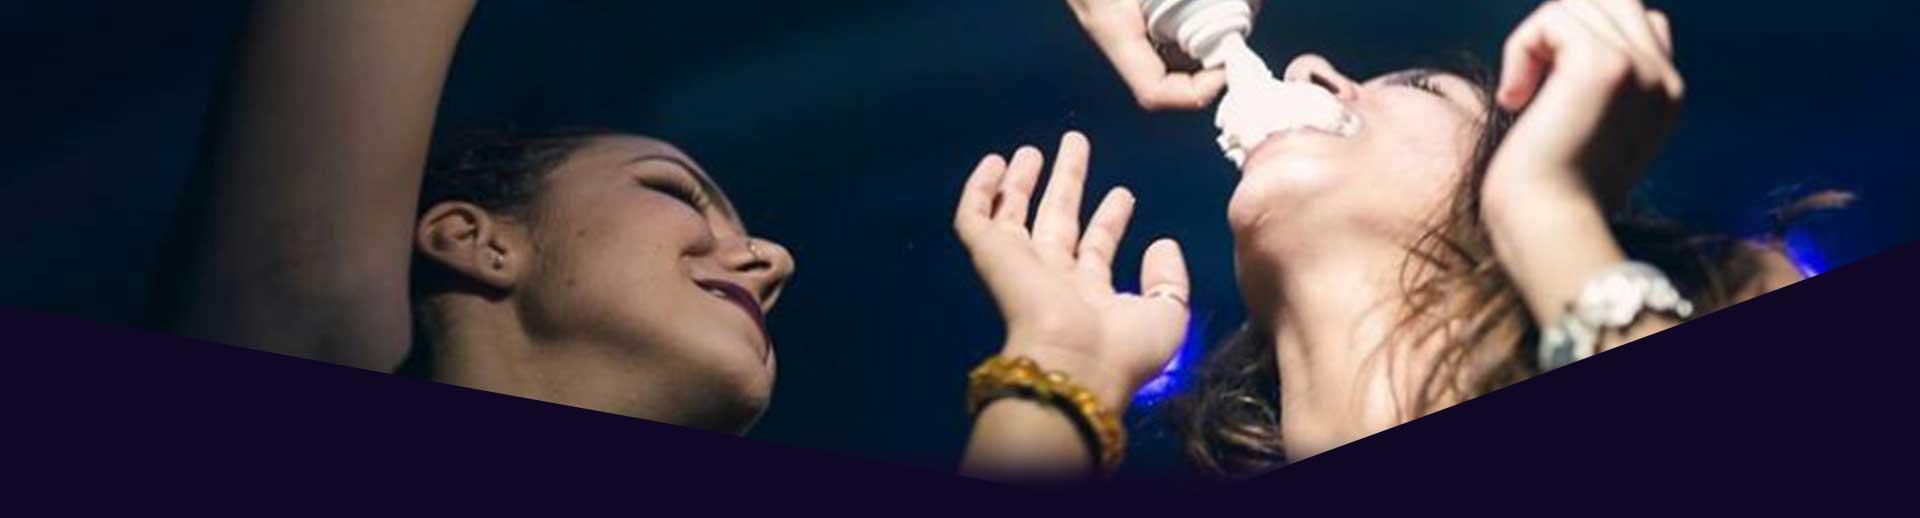 Black Hole Milano | Discoteche e night club a Milano per feste e musica dal vivo | Discoteca Milano Addio celibato e nubilato